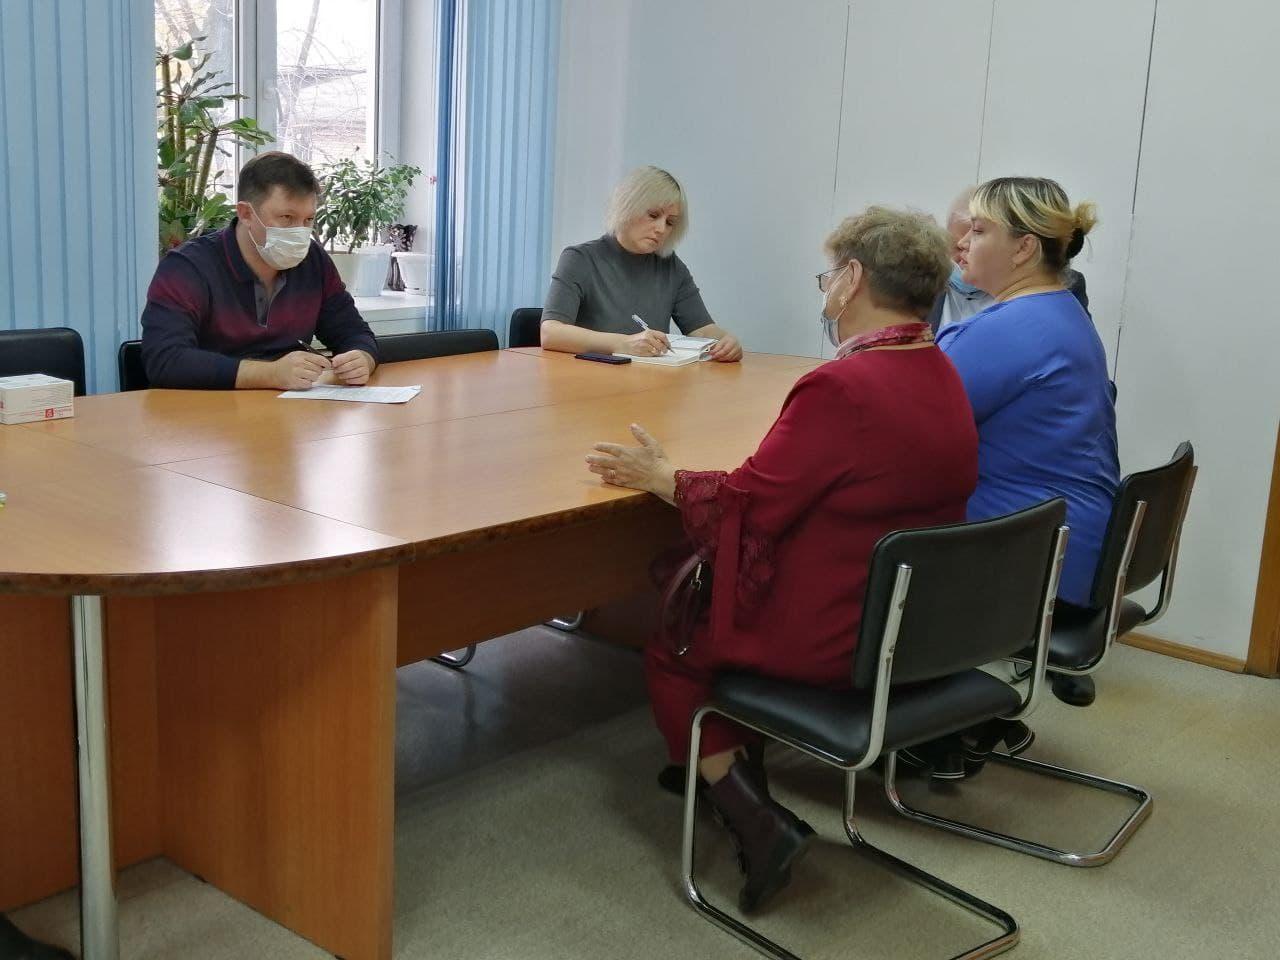 Проблему снабжения льготными лекарствами решим в кратчайшие сроки – спикер Заксобрания ЕАО Роман Бойко